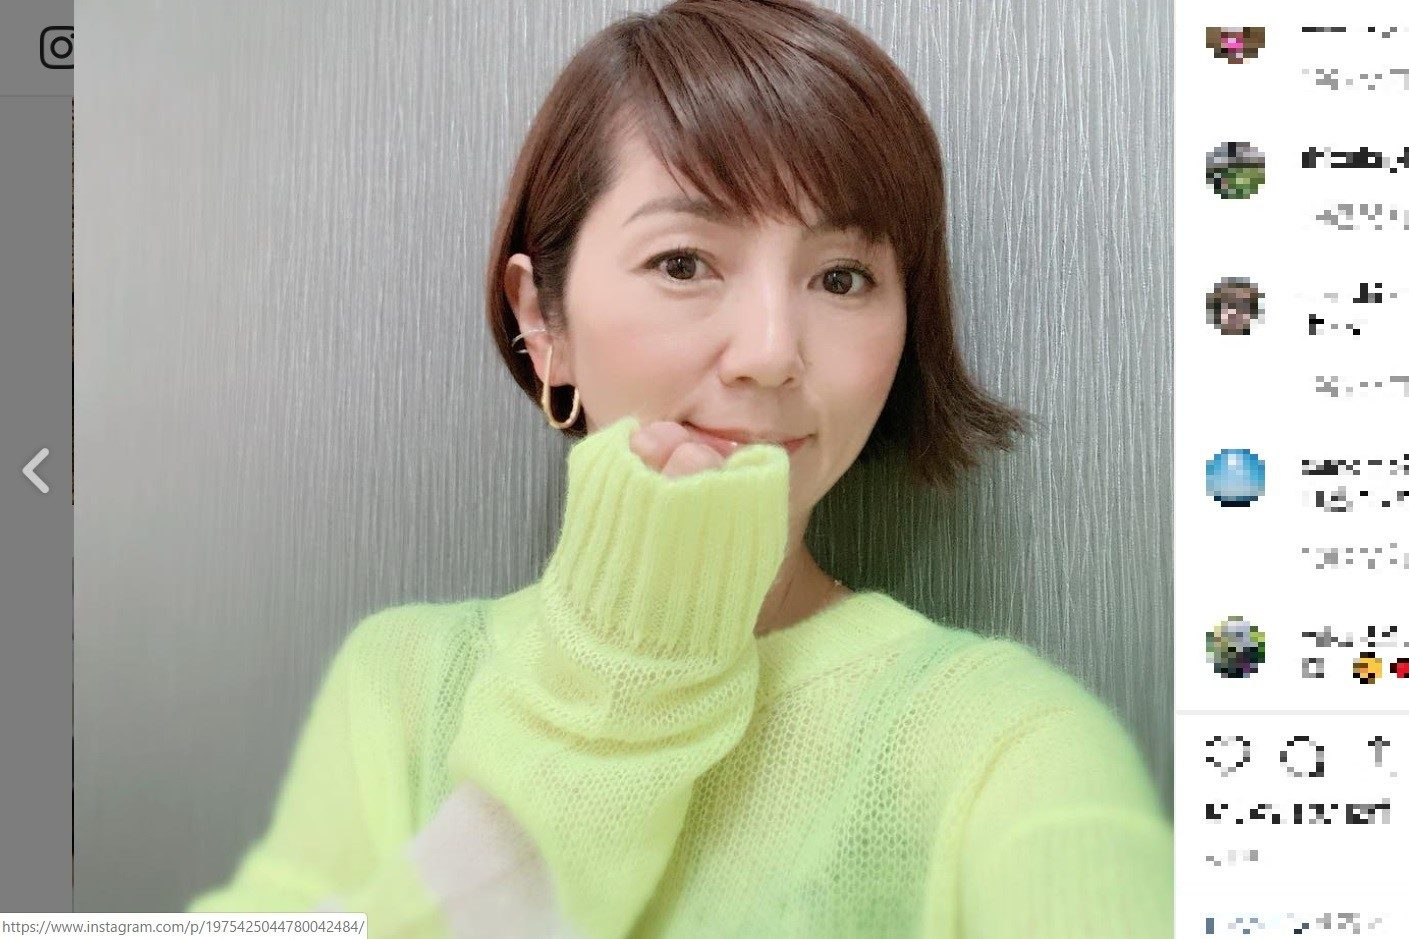 満里奈 instagram 渡辺